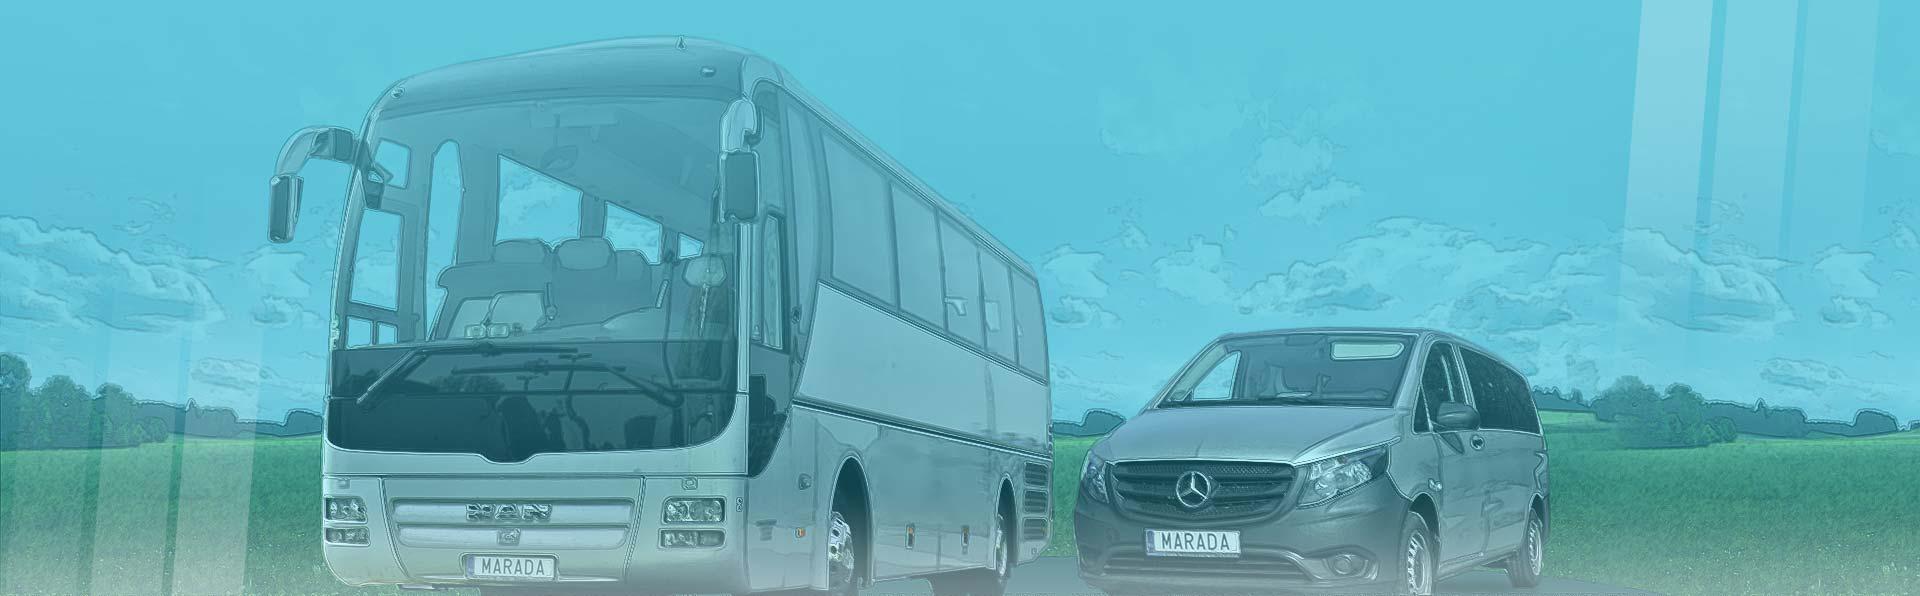 Wynajem komfortowych autokarów i minibusów